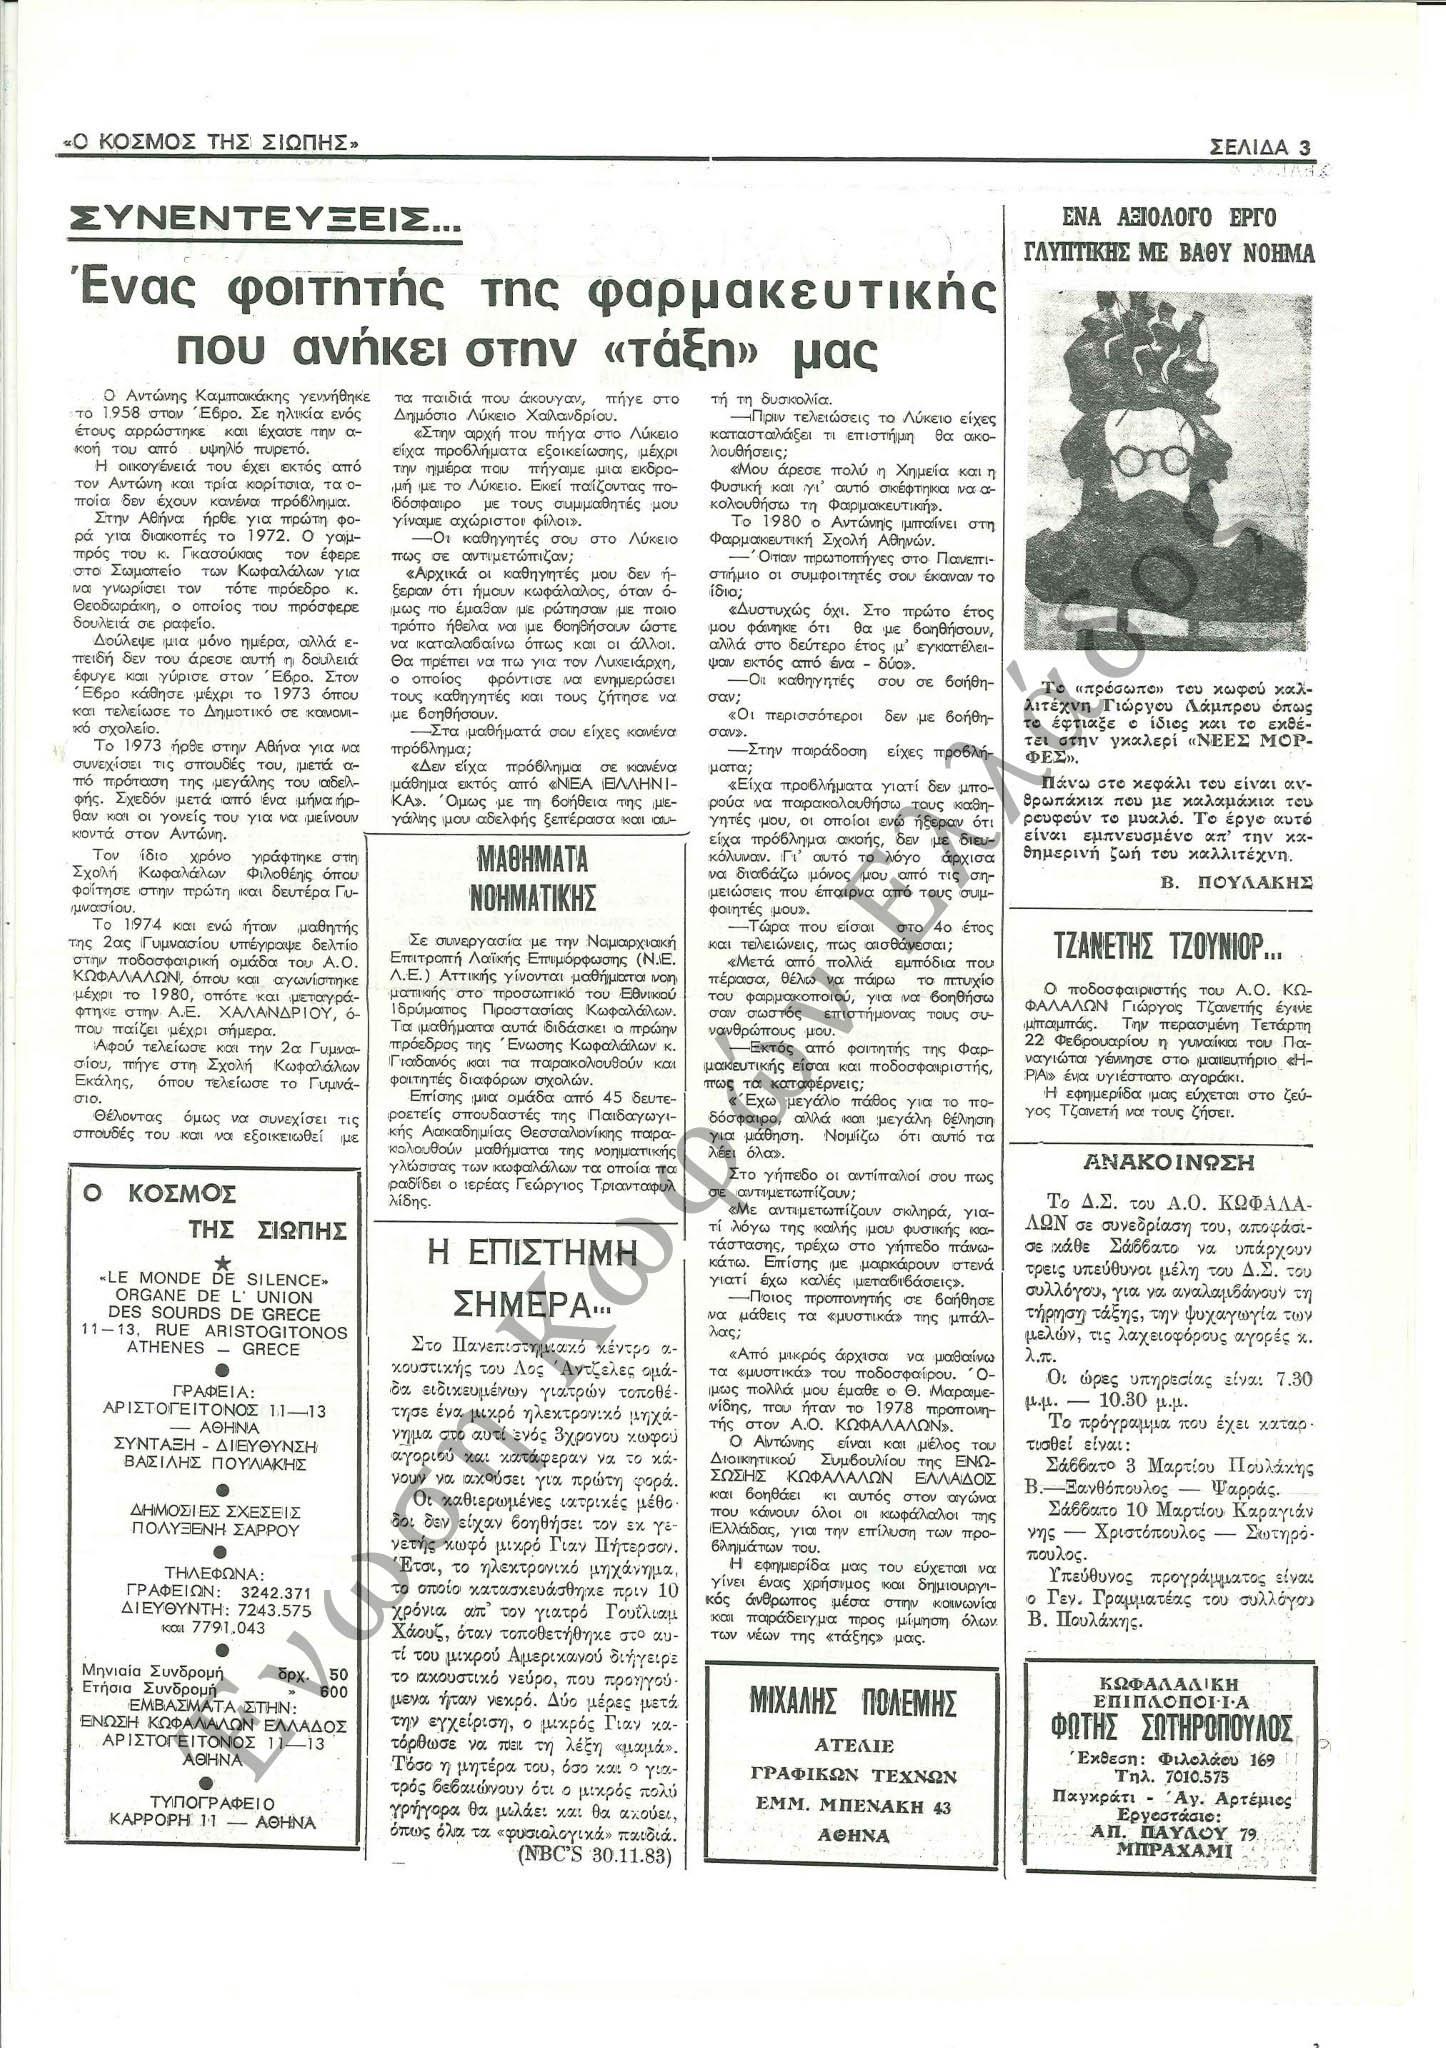 Ο Κόσμος της Σιωπής 1984-Μάρτιος 3